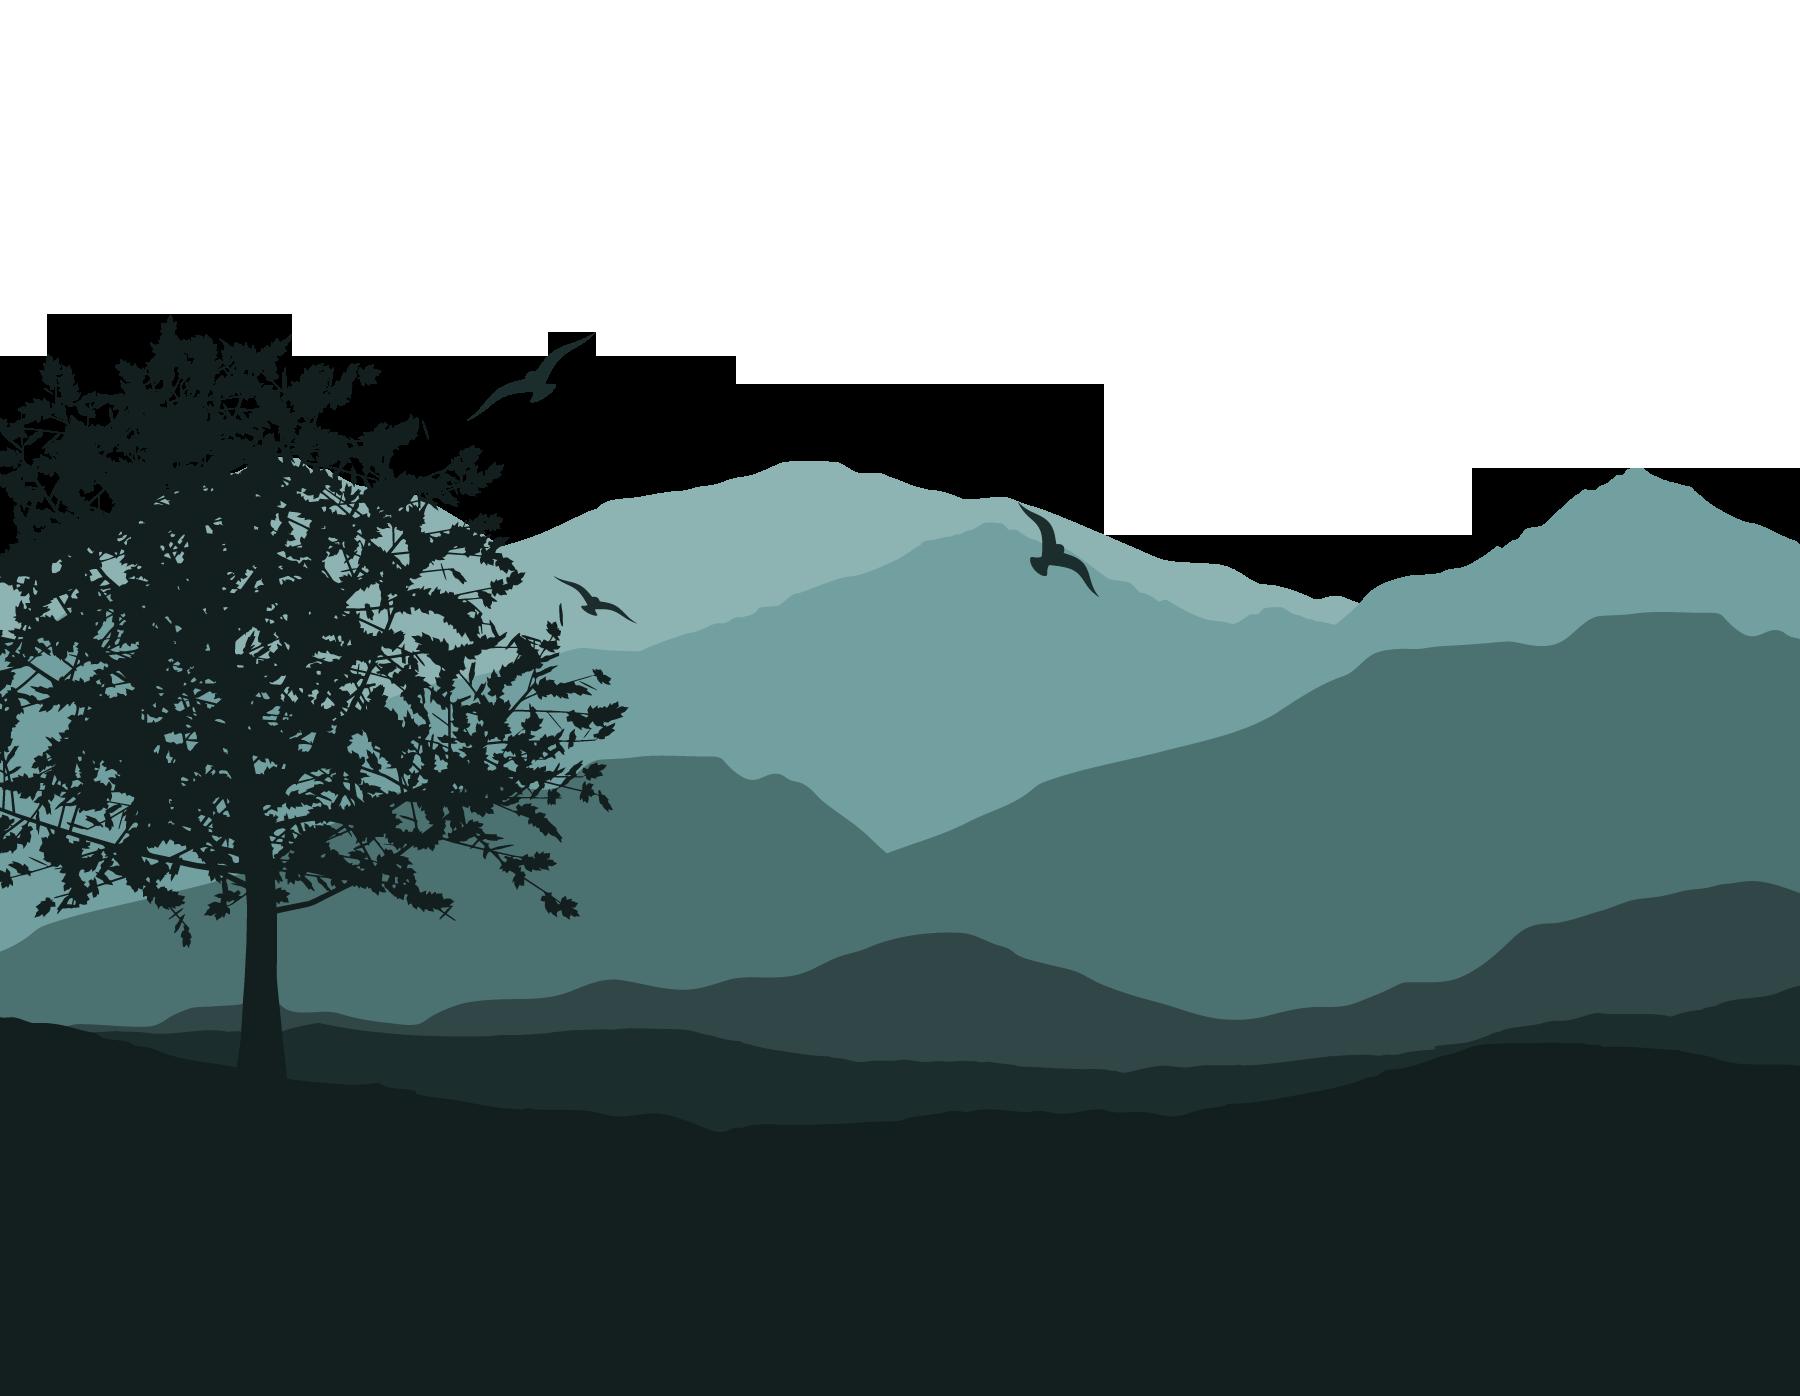 Hình ảnh background phong cảnh